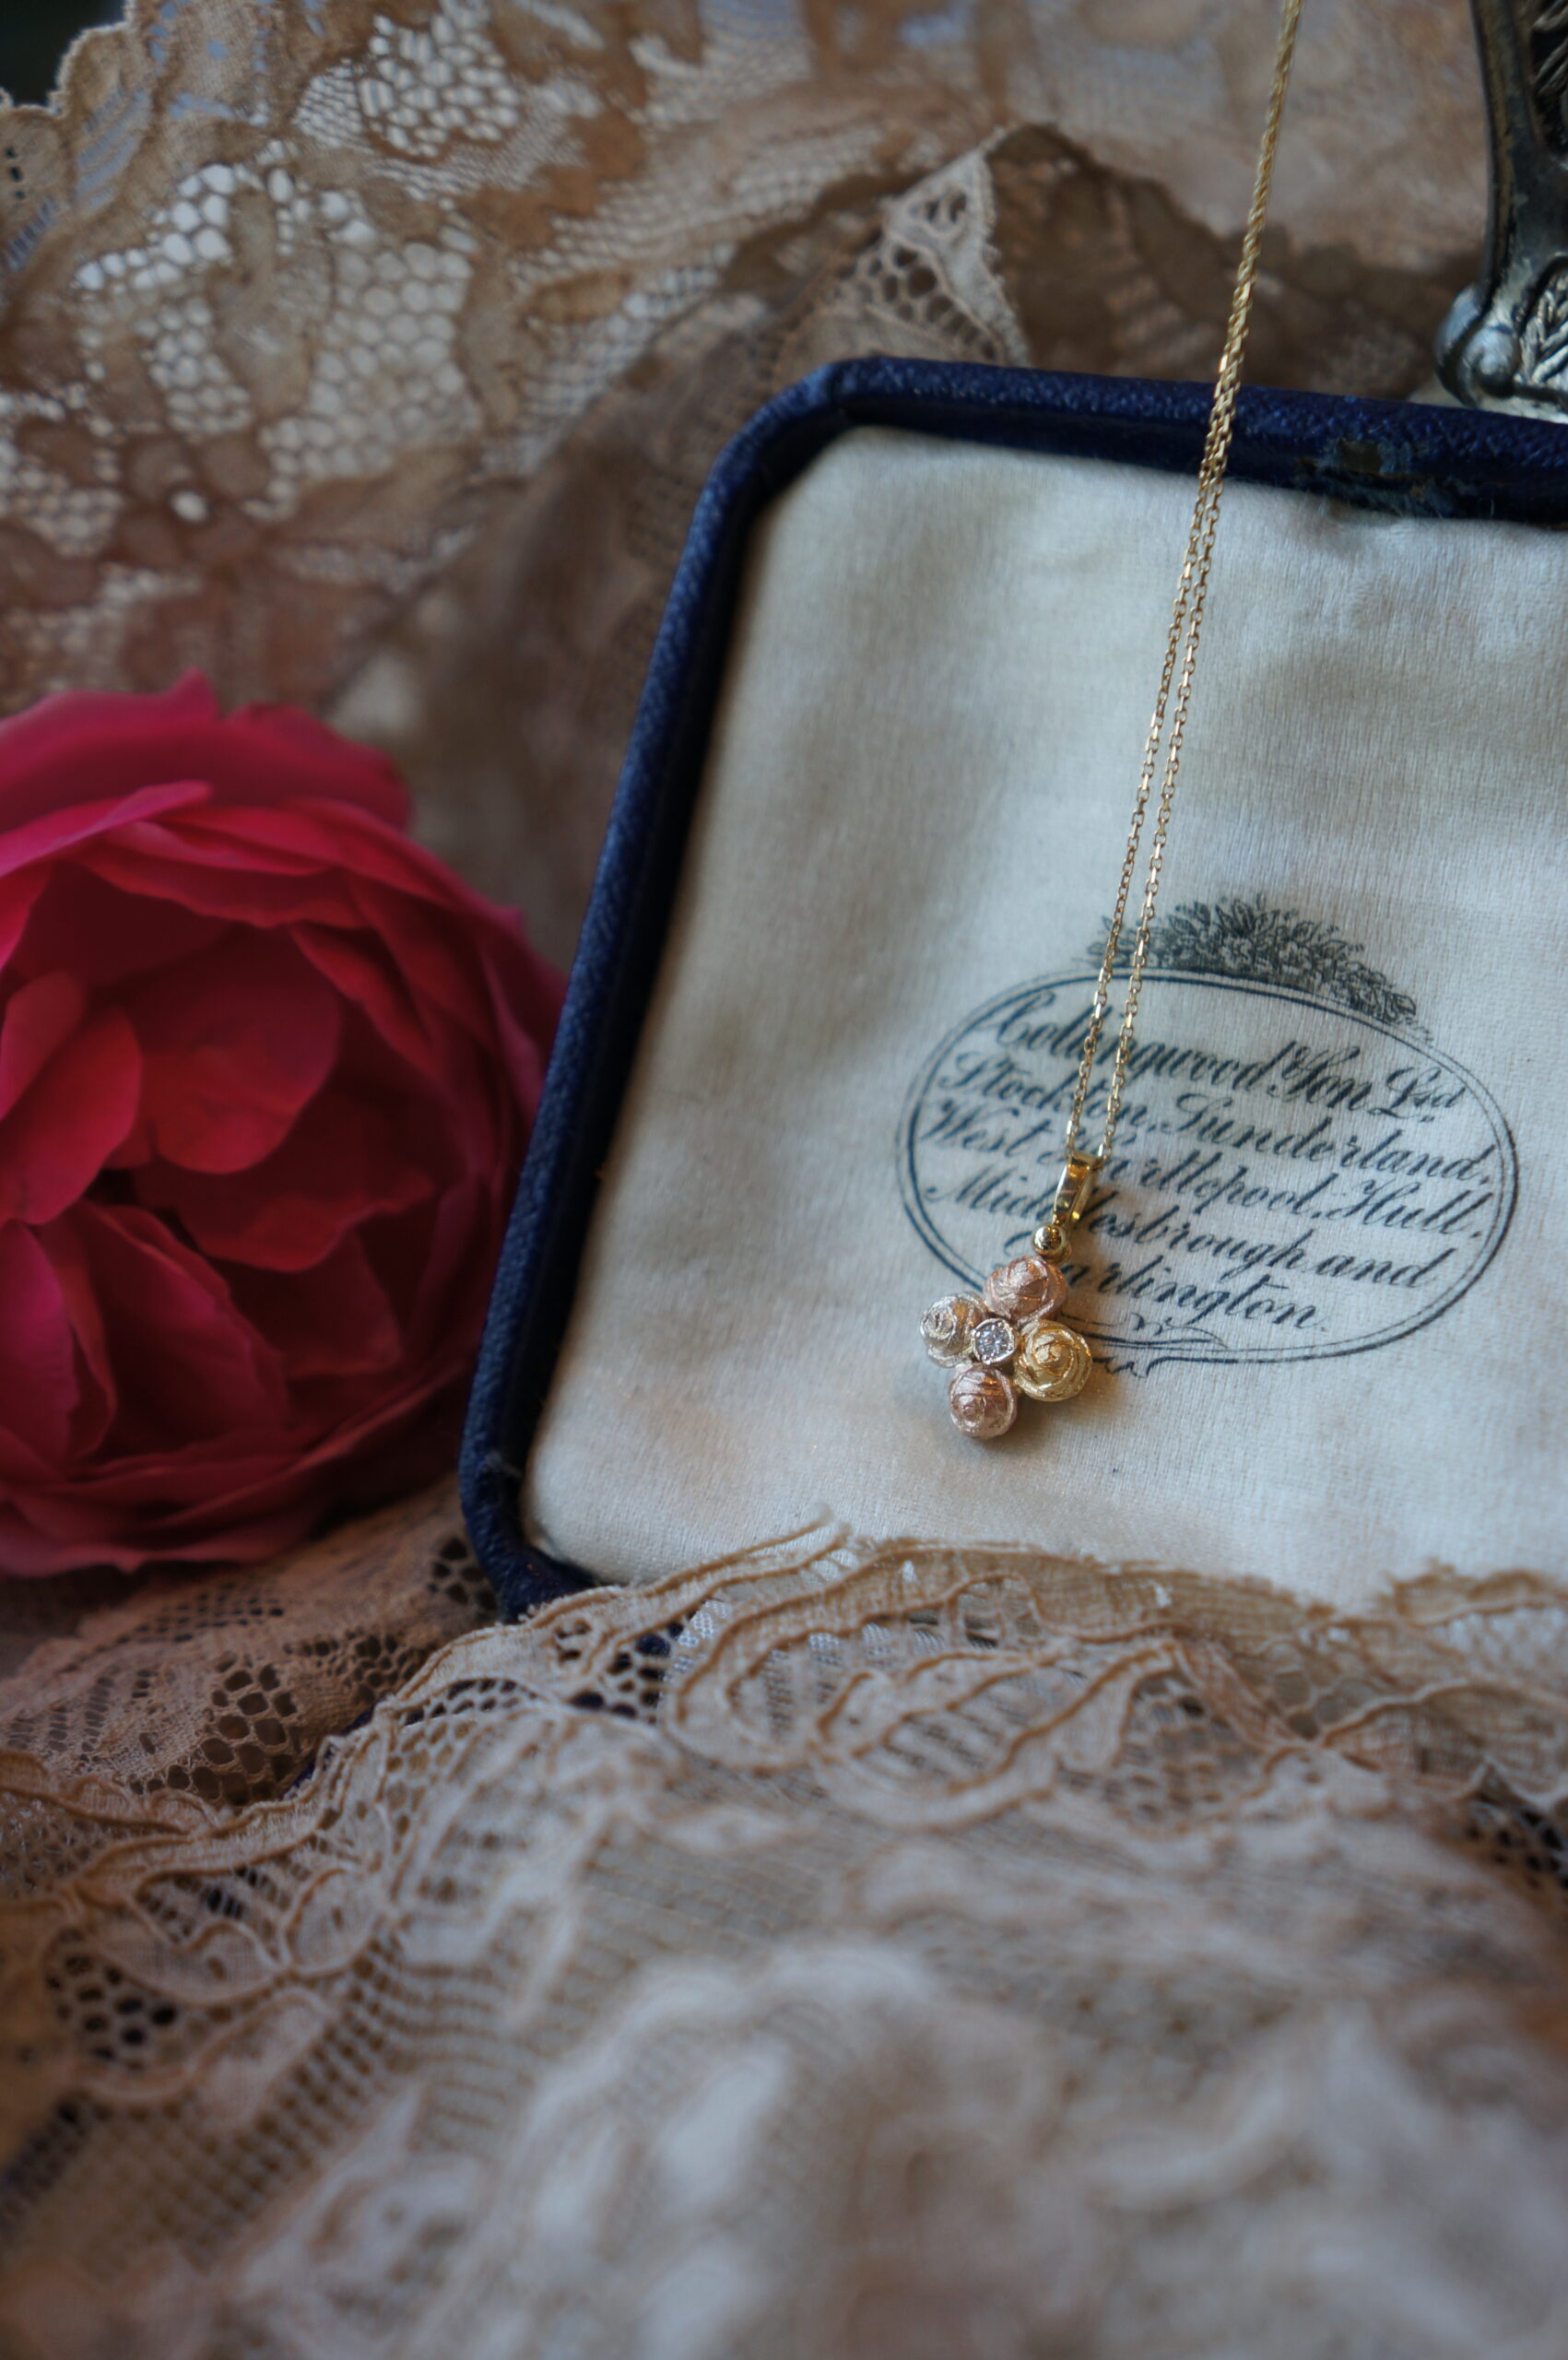 薔薇とダイアモンドのクロス Jose Mariaより